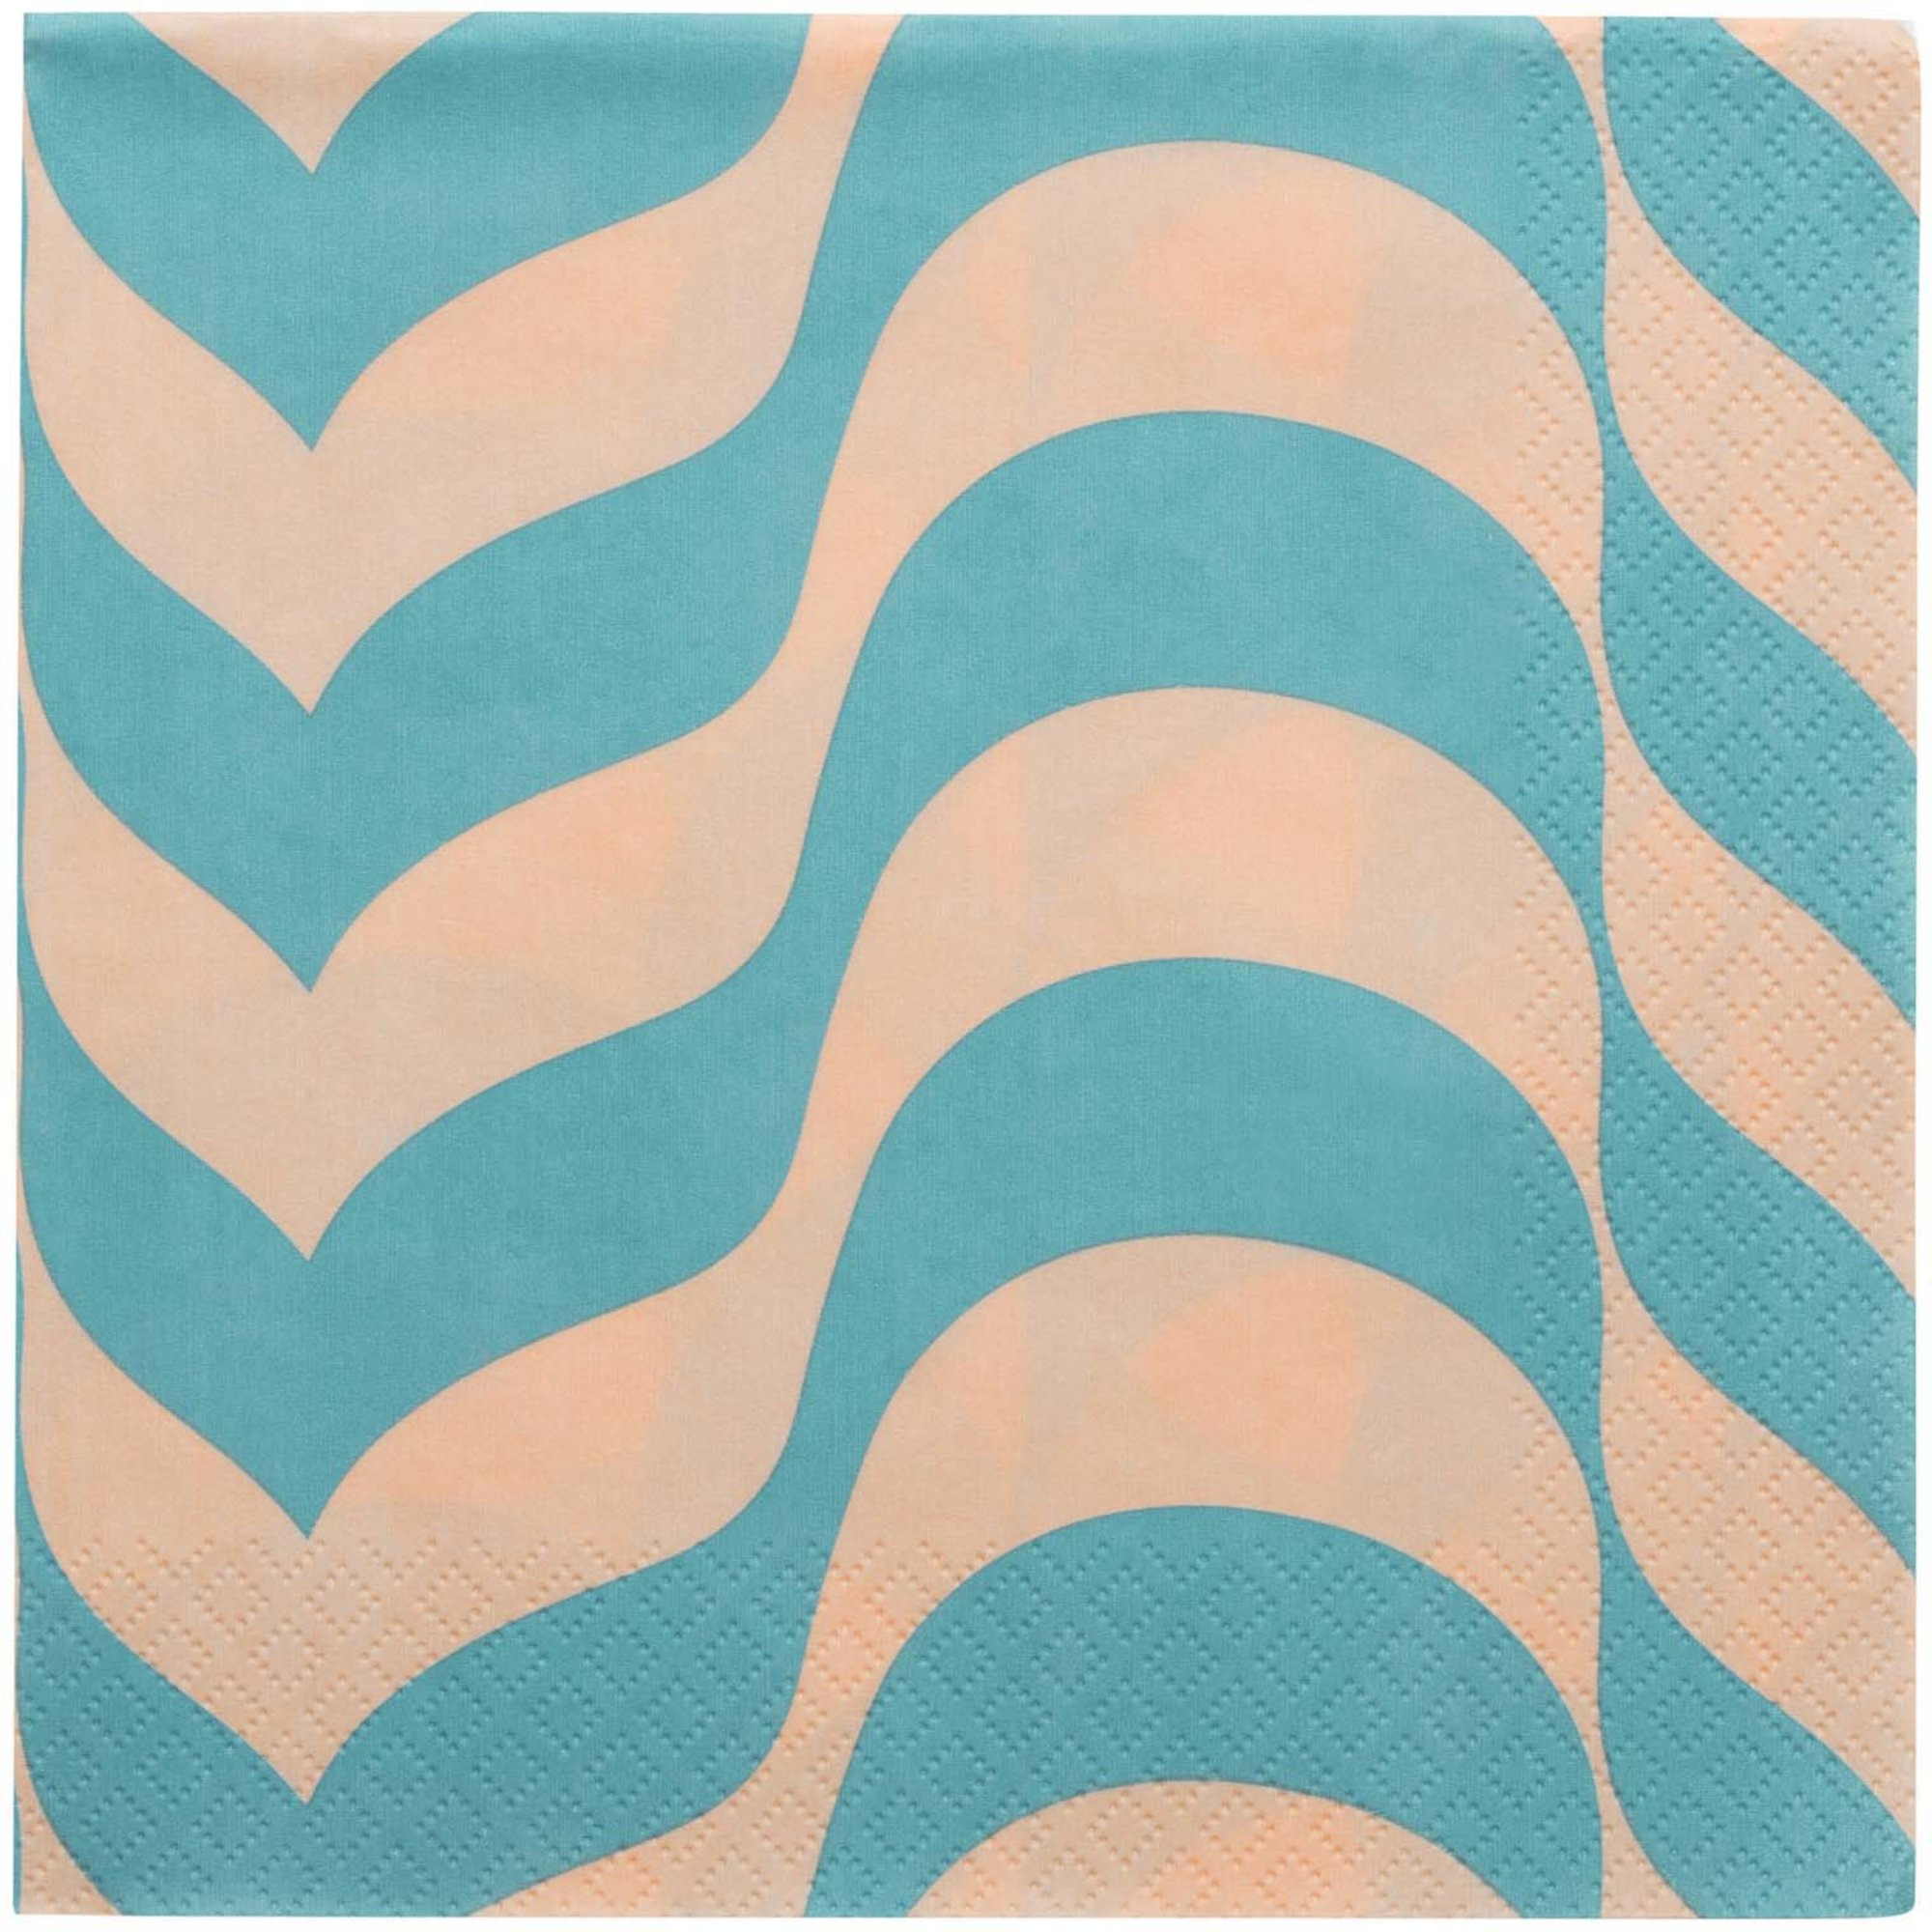 Iittala Aalto servett 33×33 cm havsblå/puder